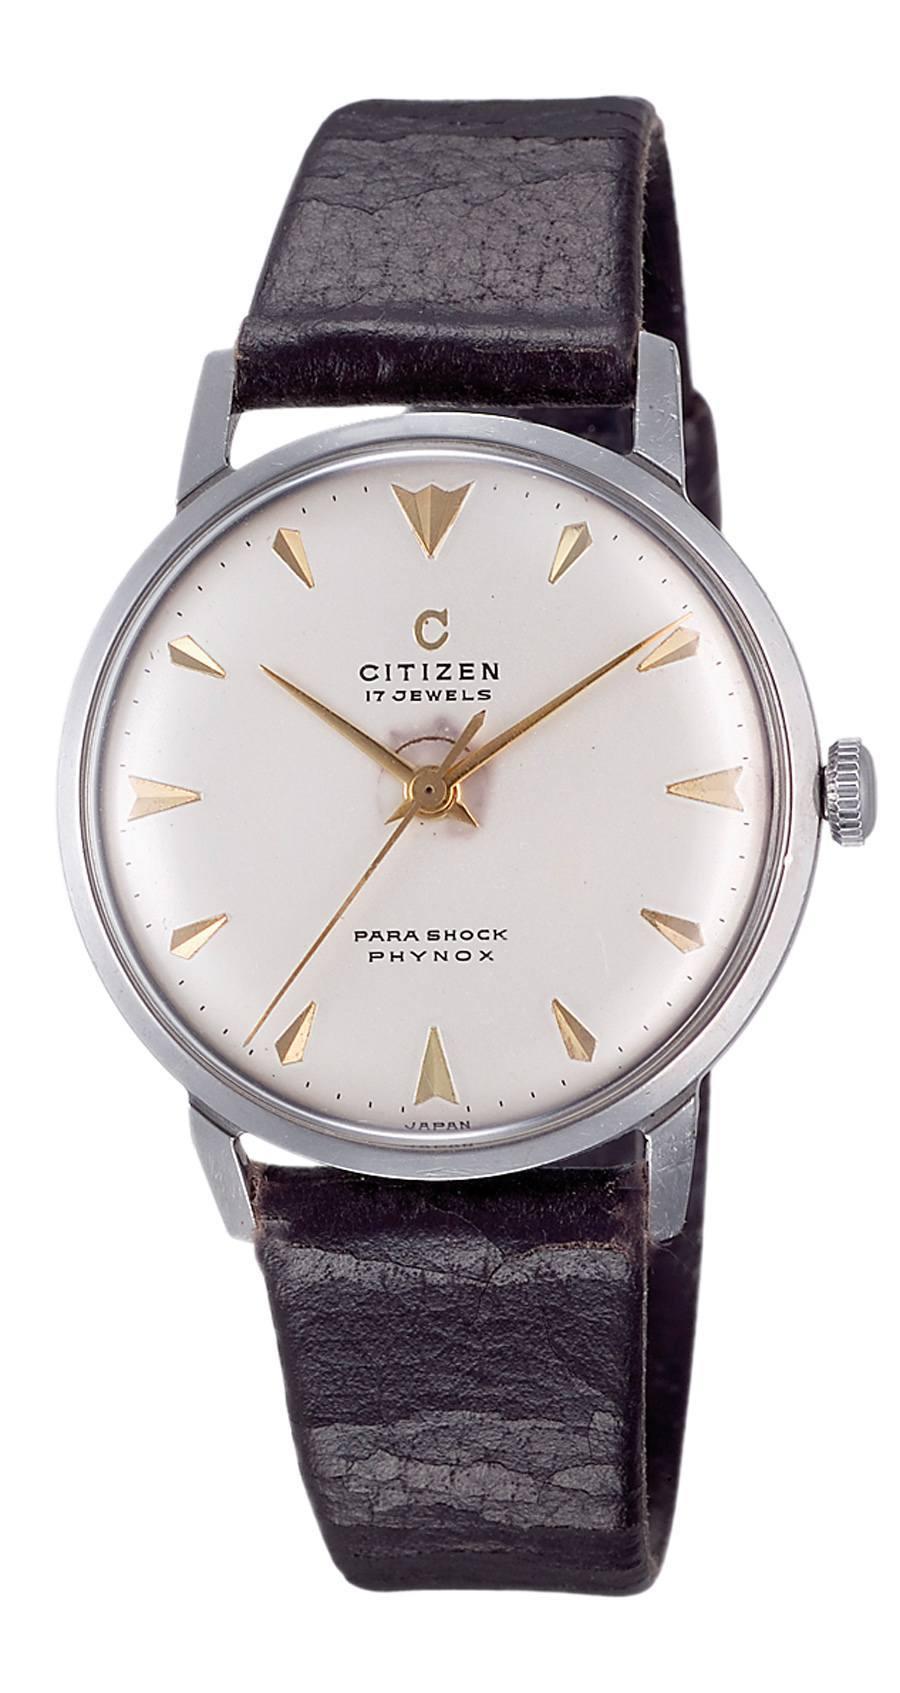 Citizen Parashock: Die Uhr mit dem stoßsicheren Gehäuse stammt aus dem Jahr 1956